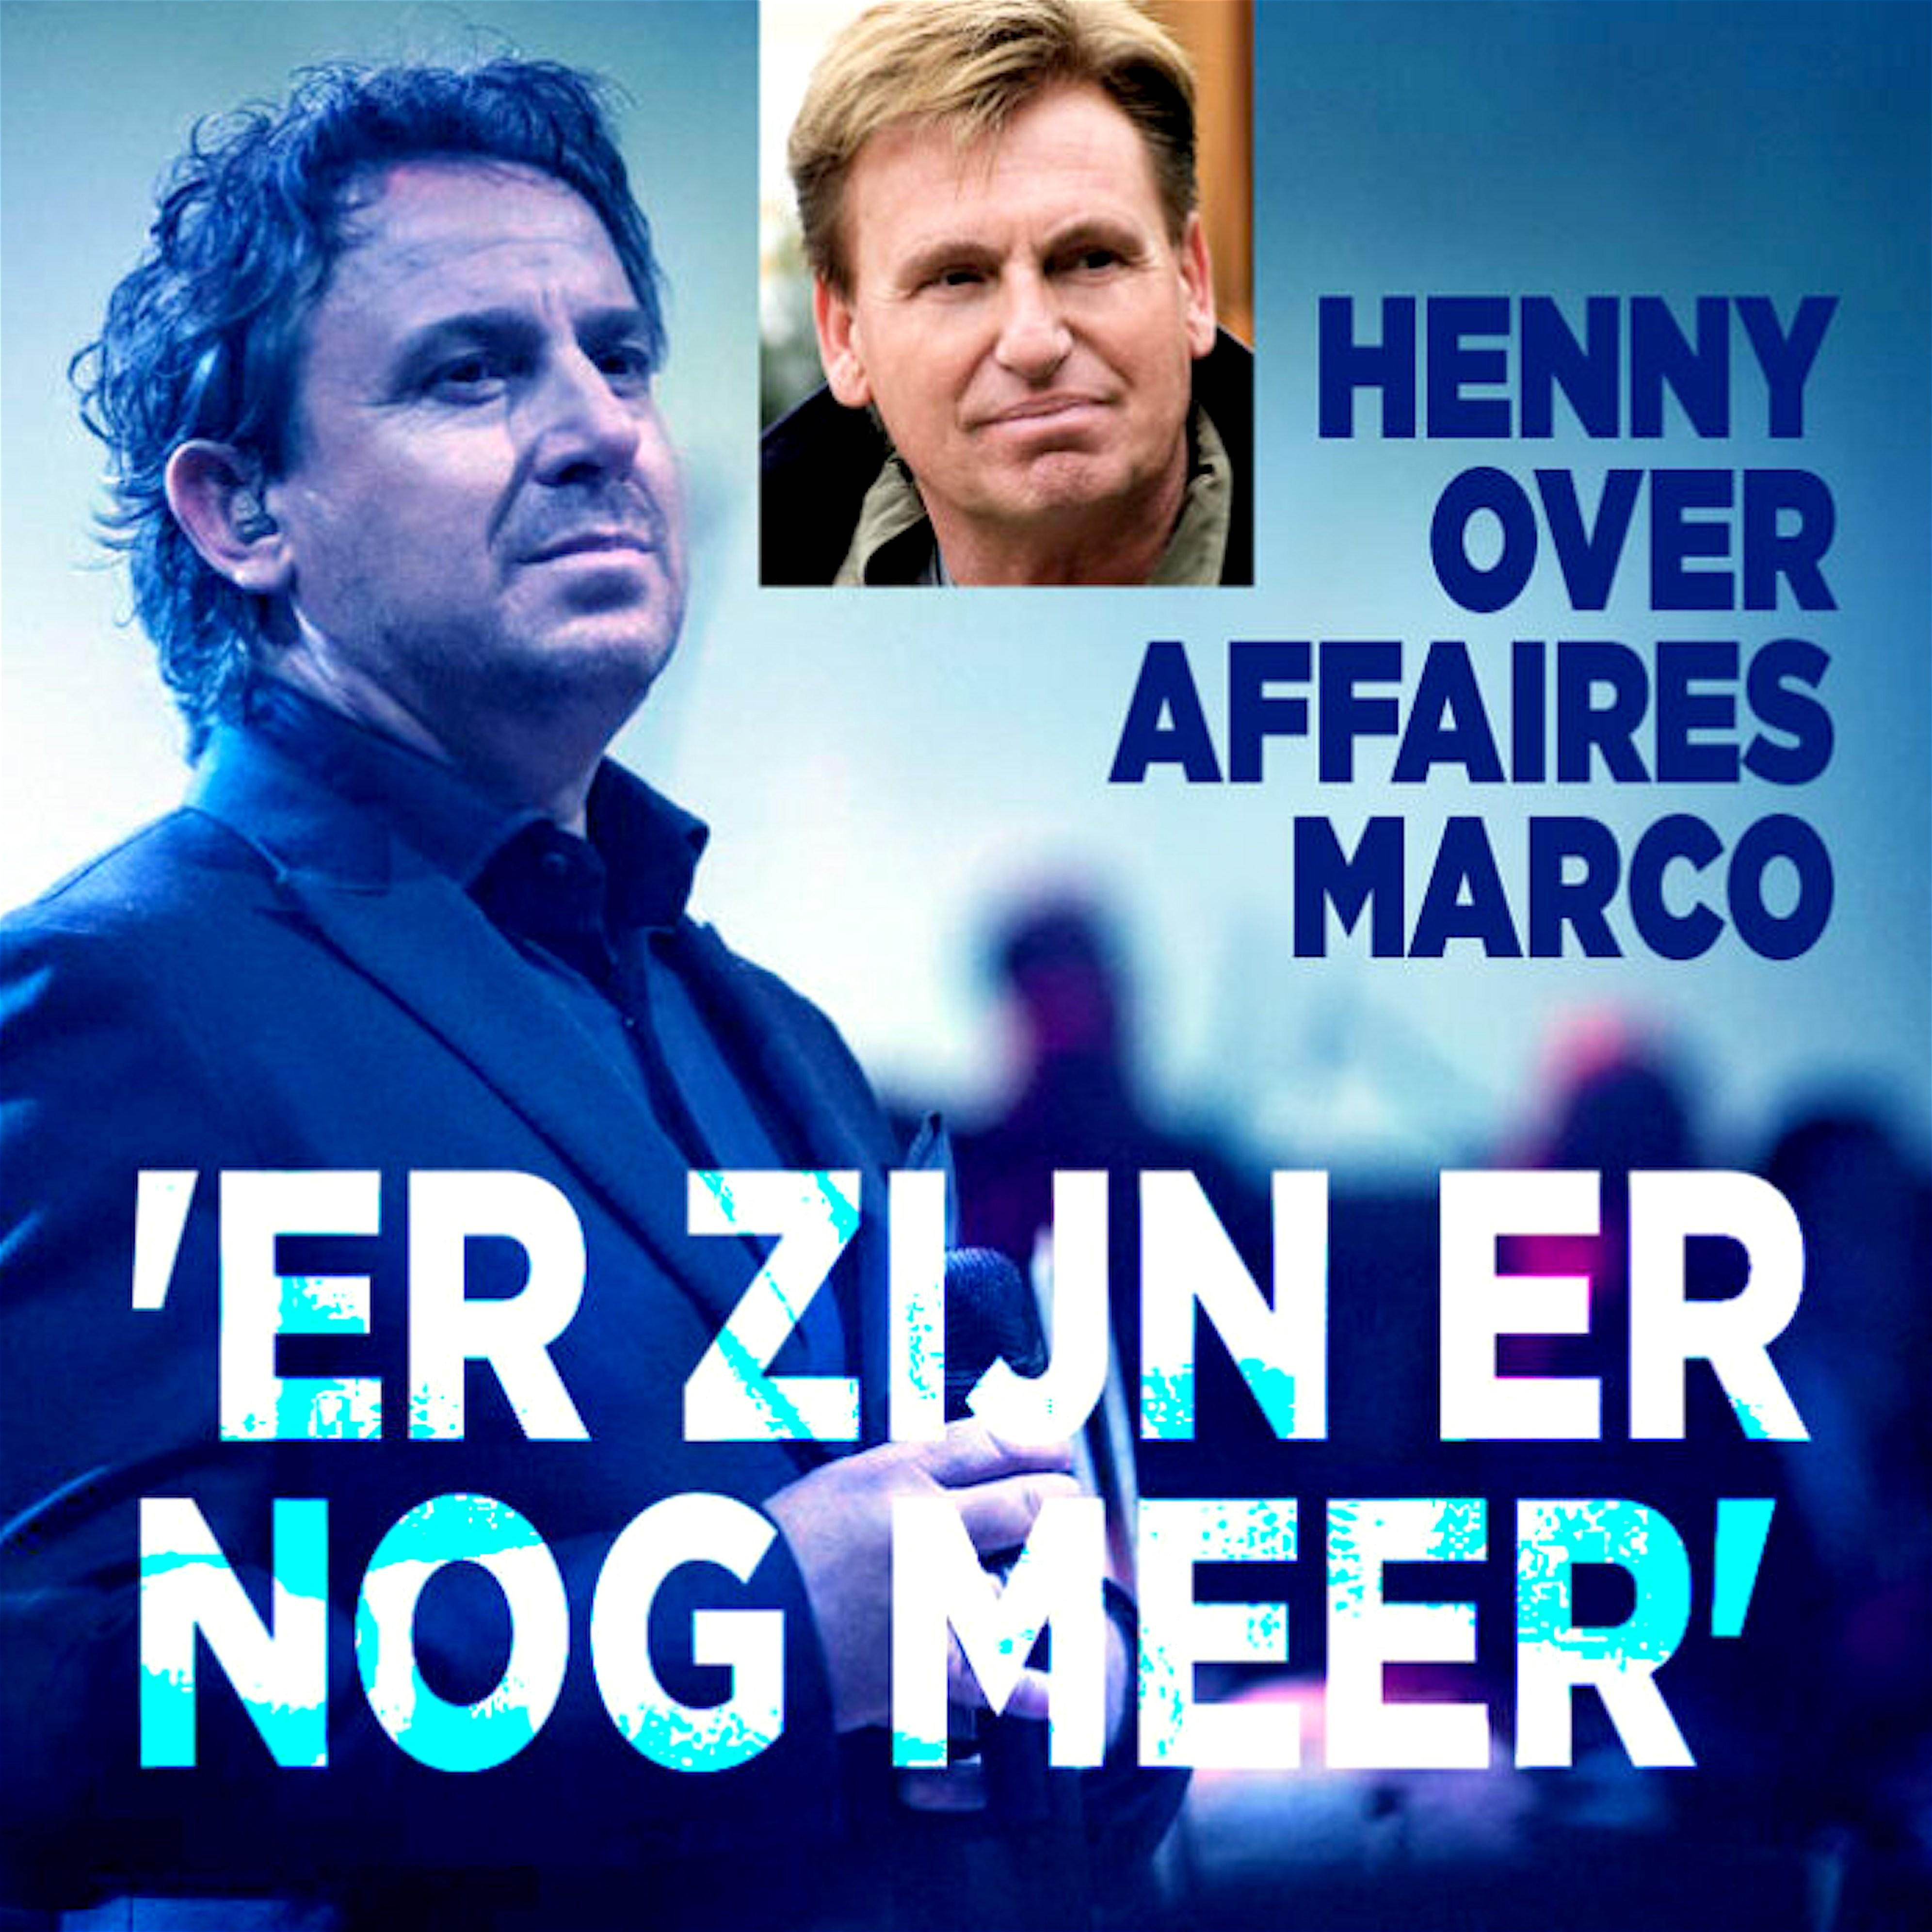 Henny Huisman over affaires Marco 'Er zijn er nog meer' (foto DenD)